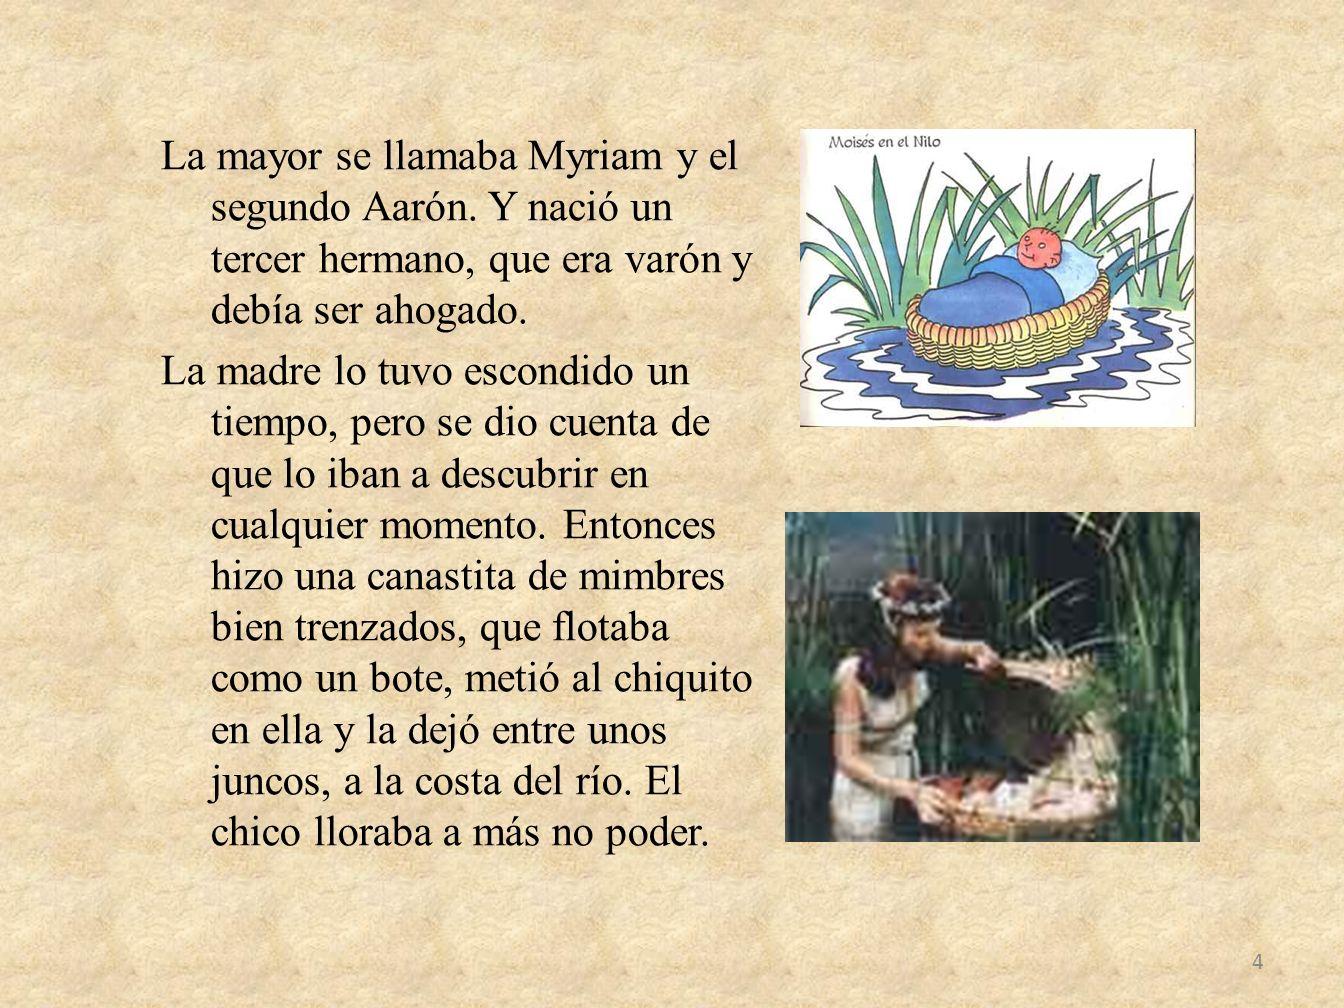 La mayor se llamaba Myriam y el segundo Aarón